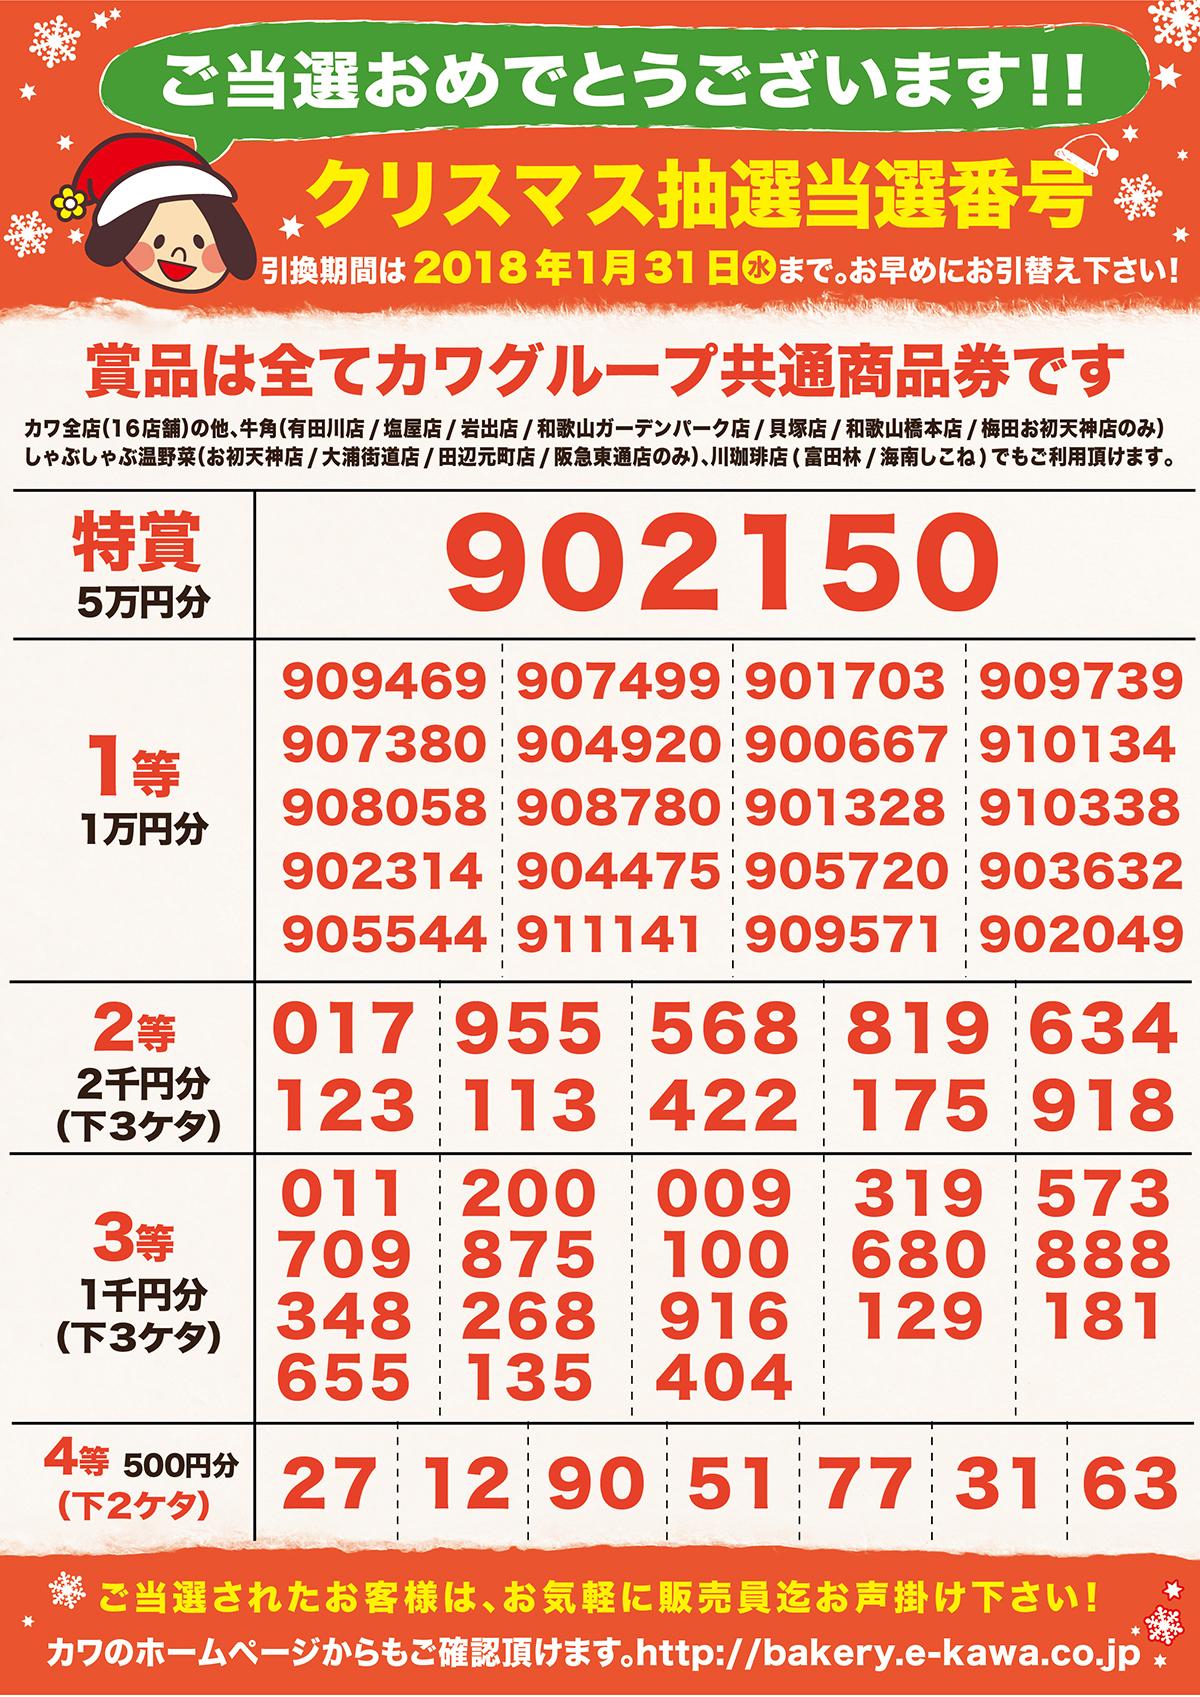 2017年クリスマス抽選当選番号の発表!!